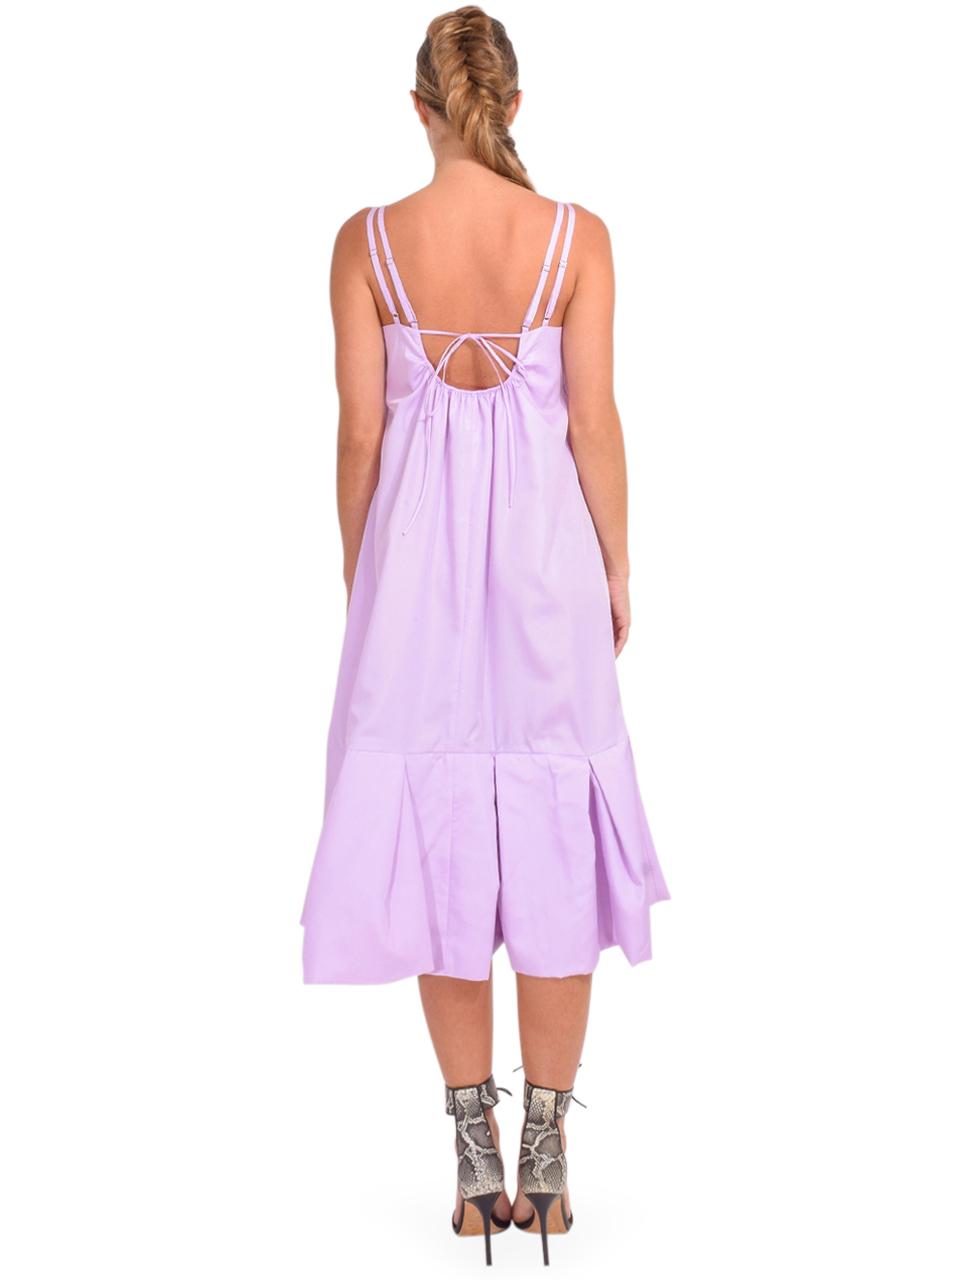 3.1 Phillip Lim Multi Strap A-Line Taffeta Dress in Lavender Back View